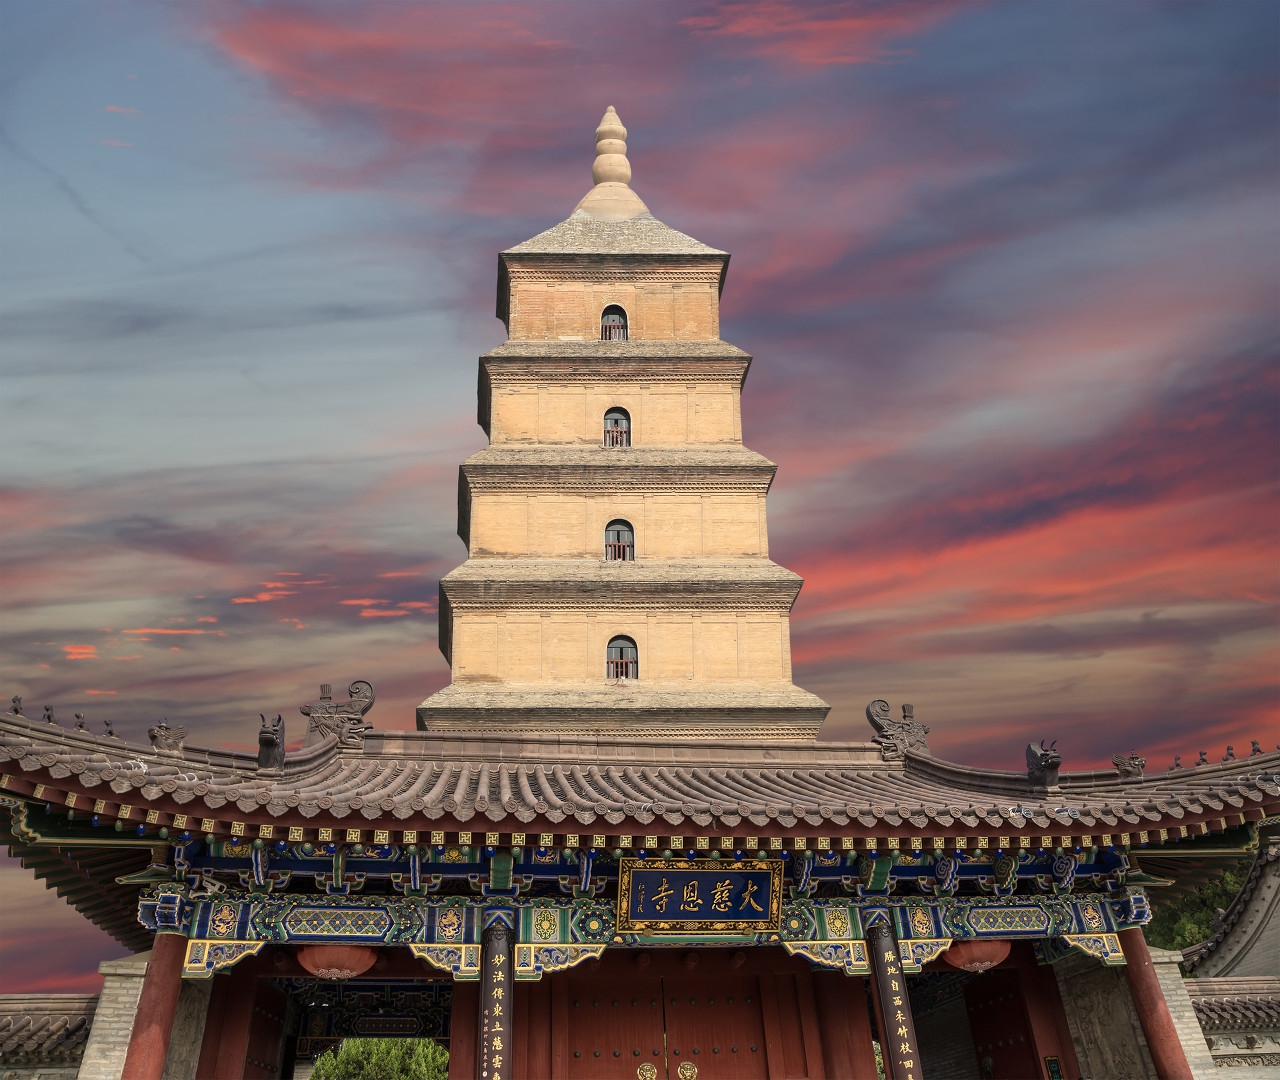 王德恒:考古工作中发现的一个秘密,大唐景教流行中国碑